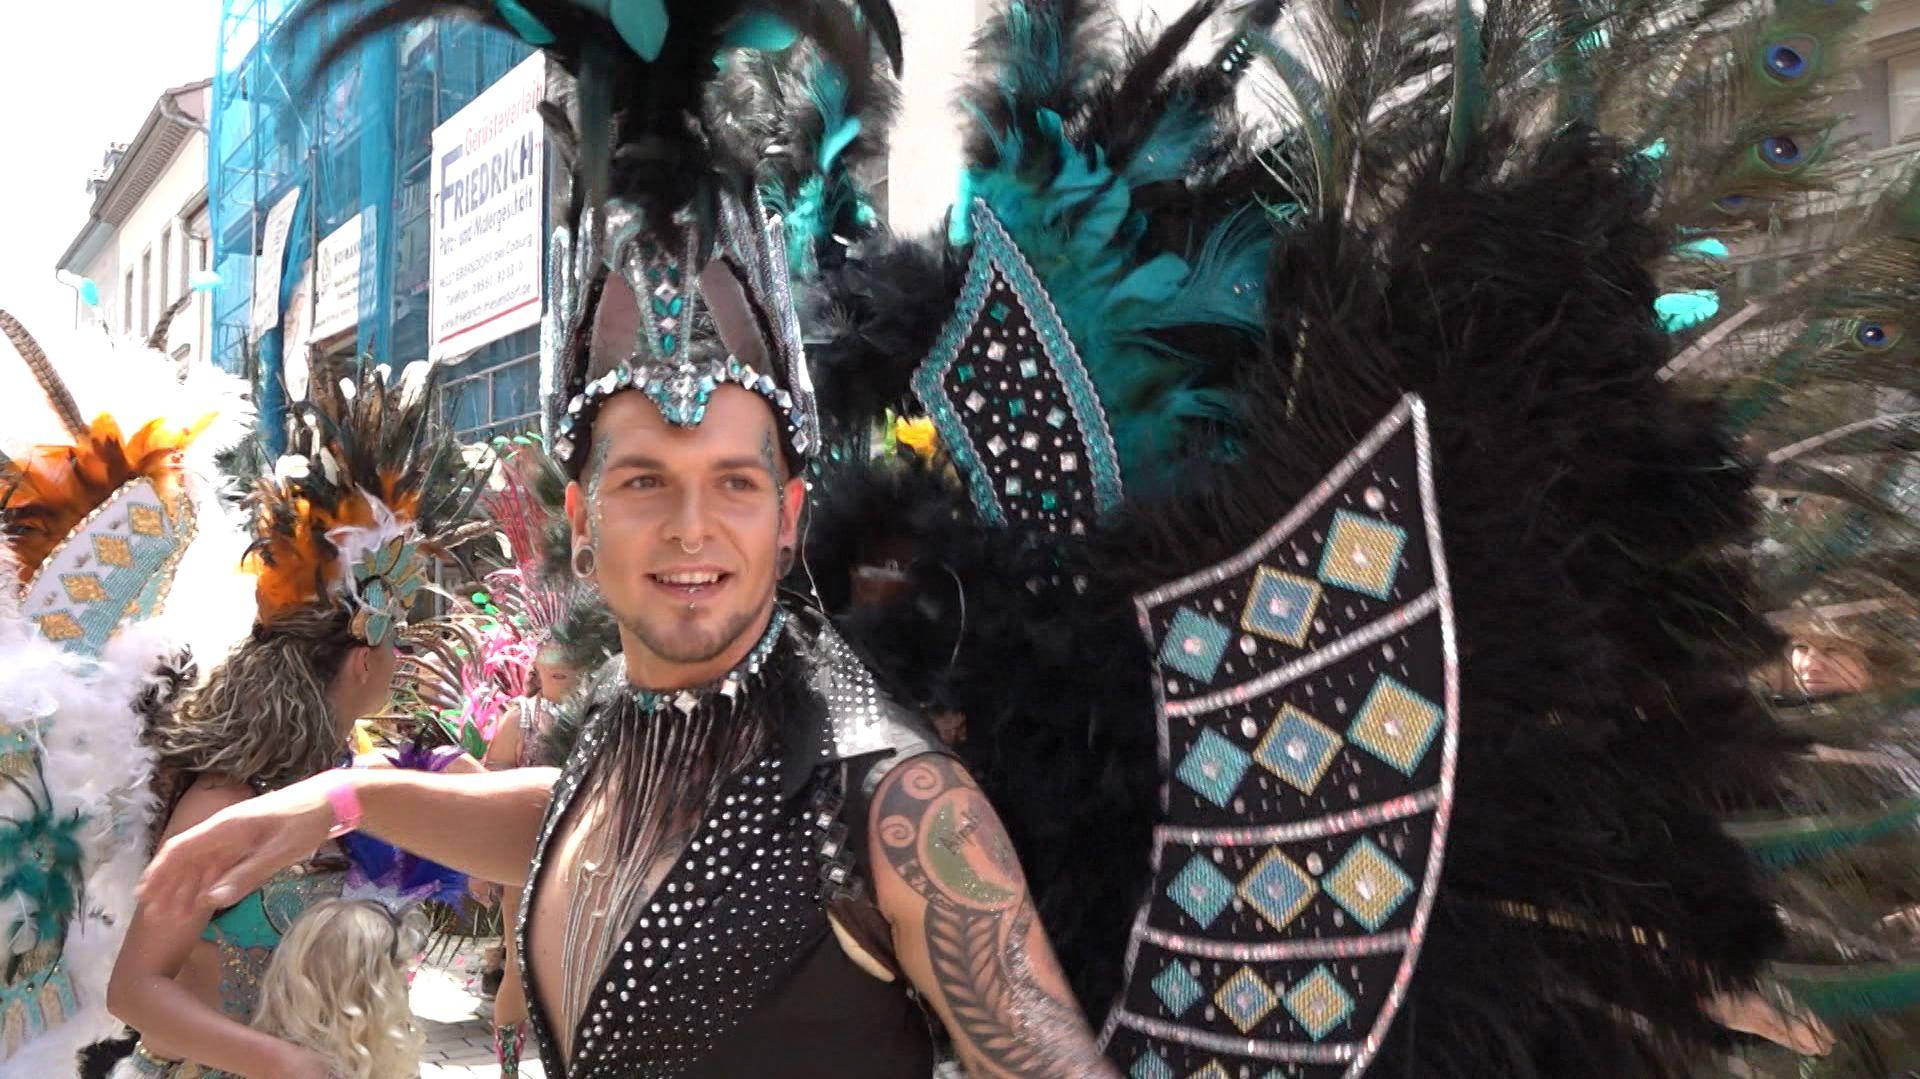 Geschmückter Sambista tanzt in Coburg auf der Straße